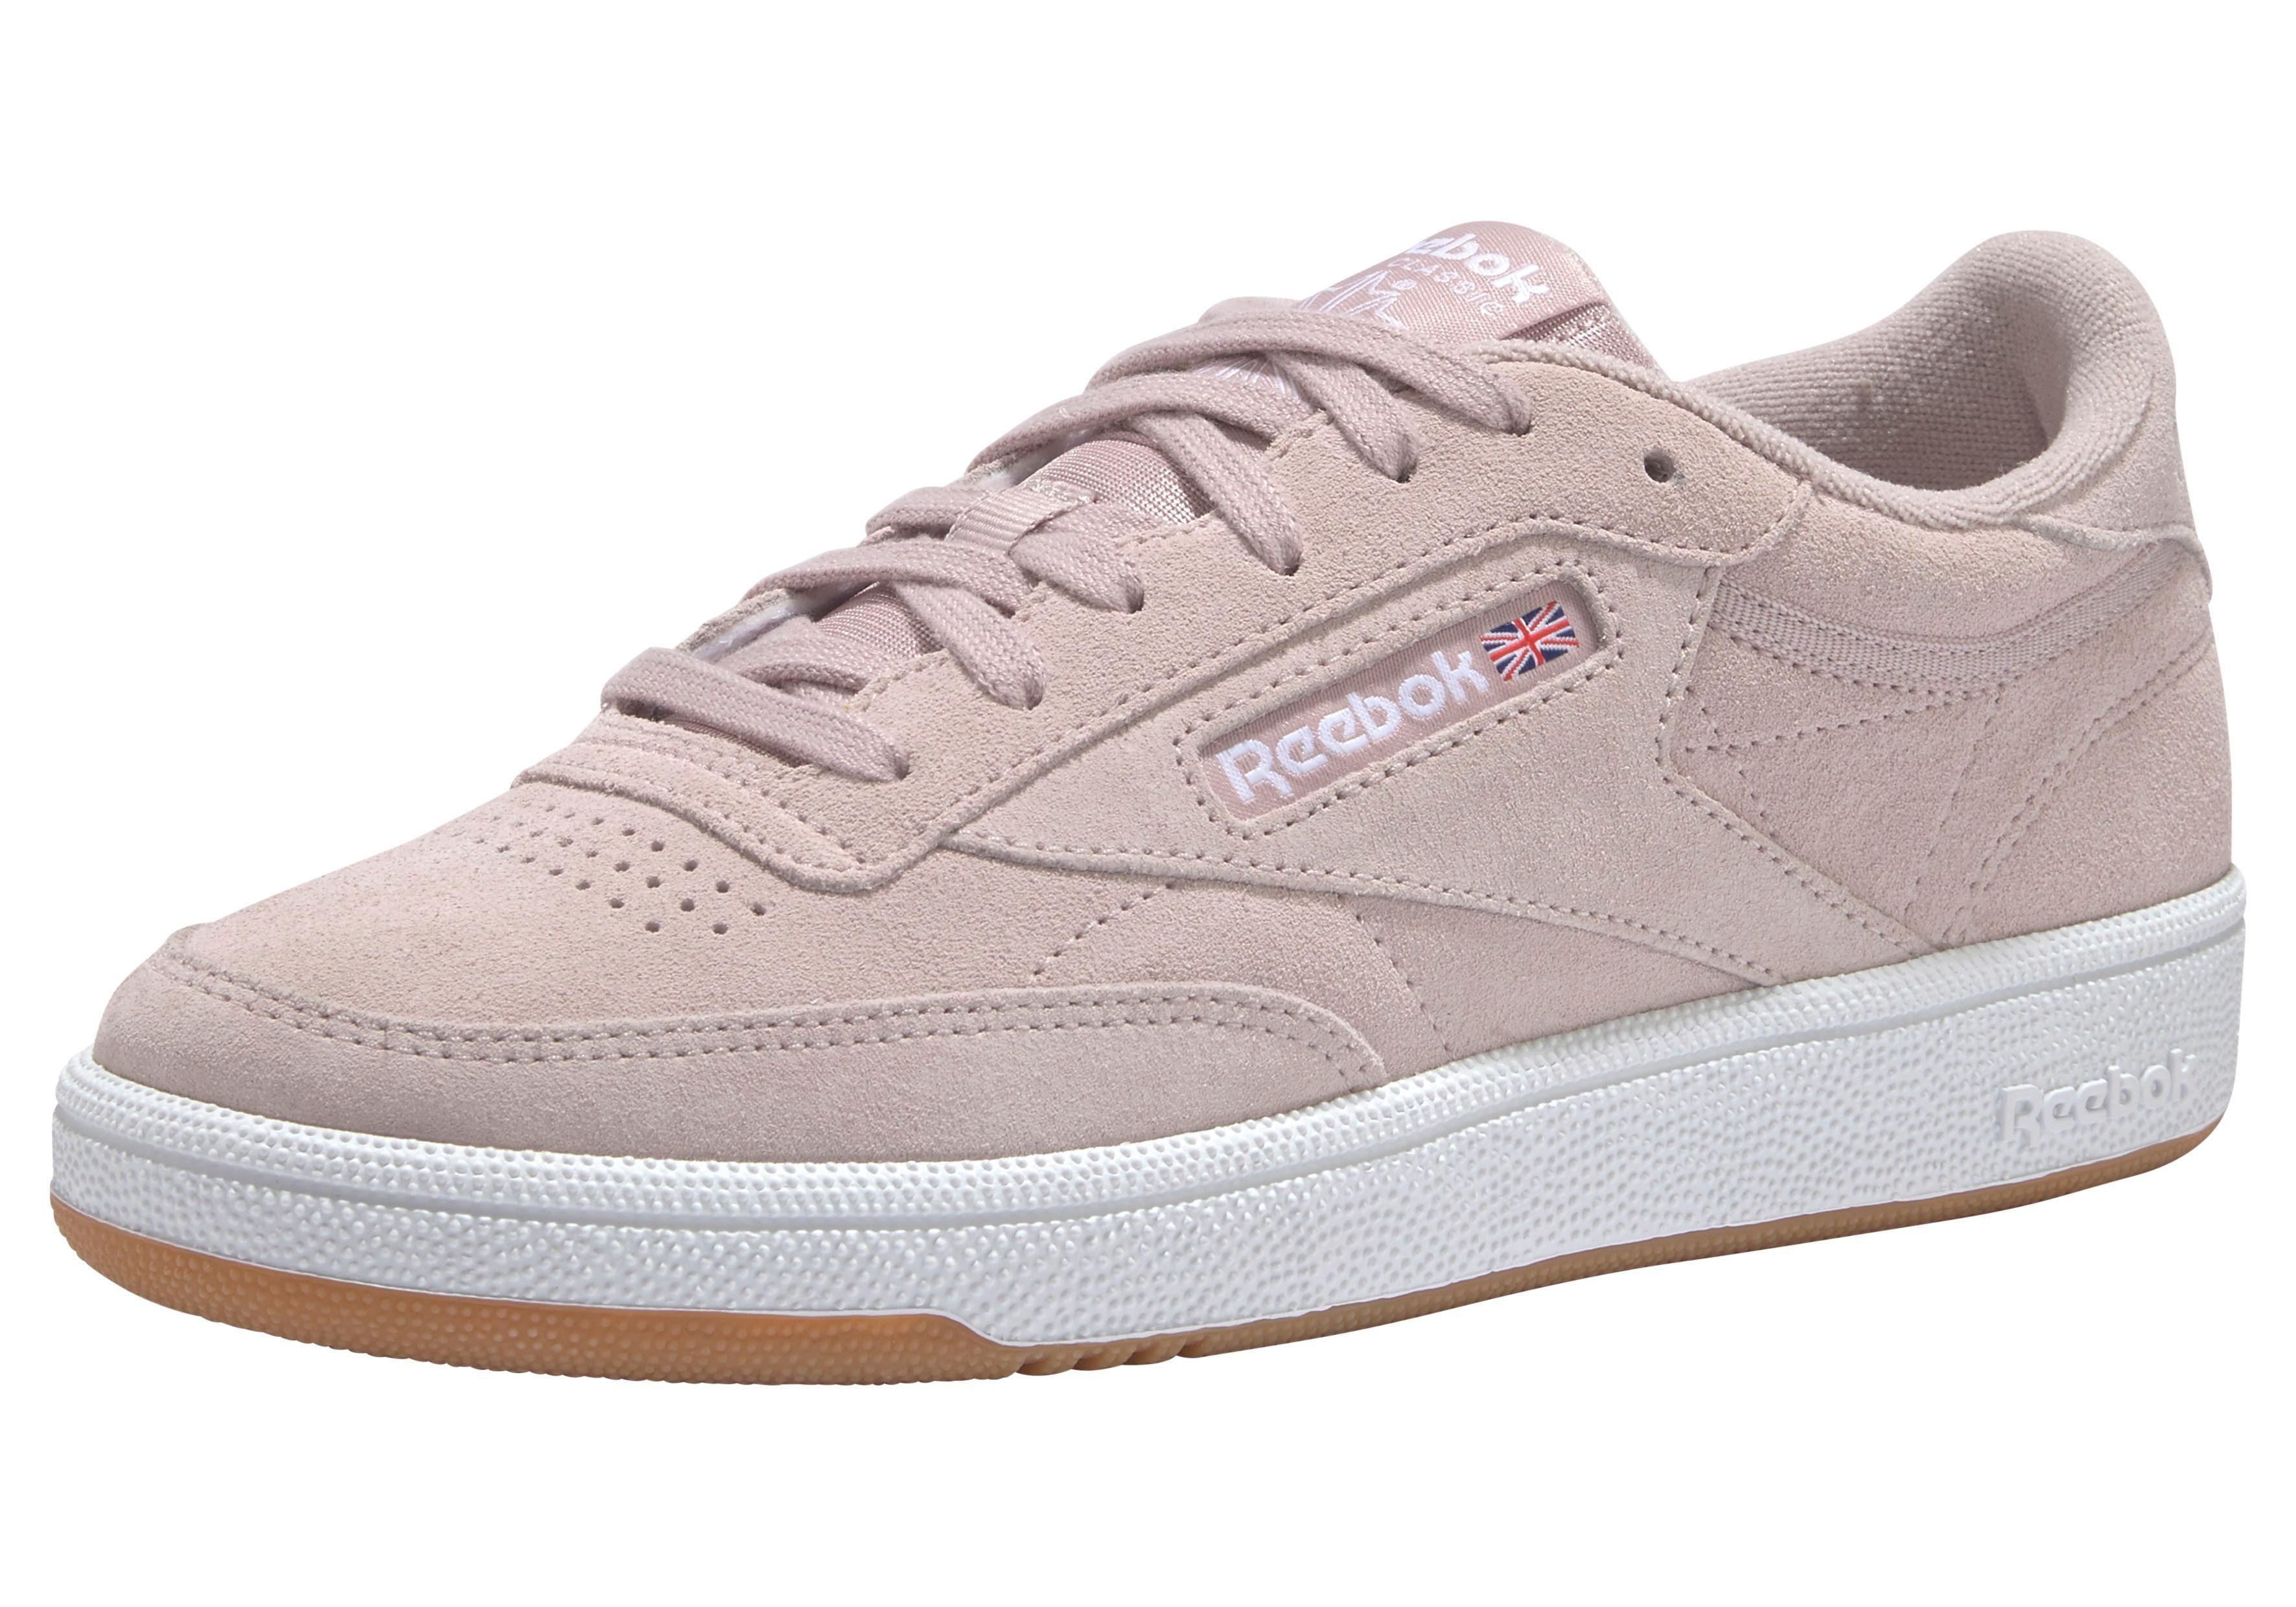 Reebok Classic »CLUB C REVENGE« Sneaker, Stylischer Sneaker von Reebok Classic online kaufen | OTTO